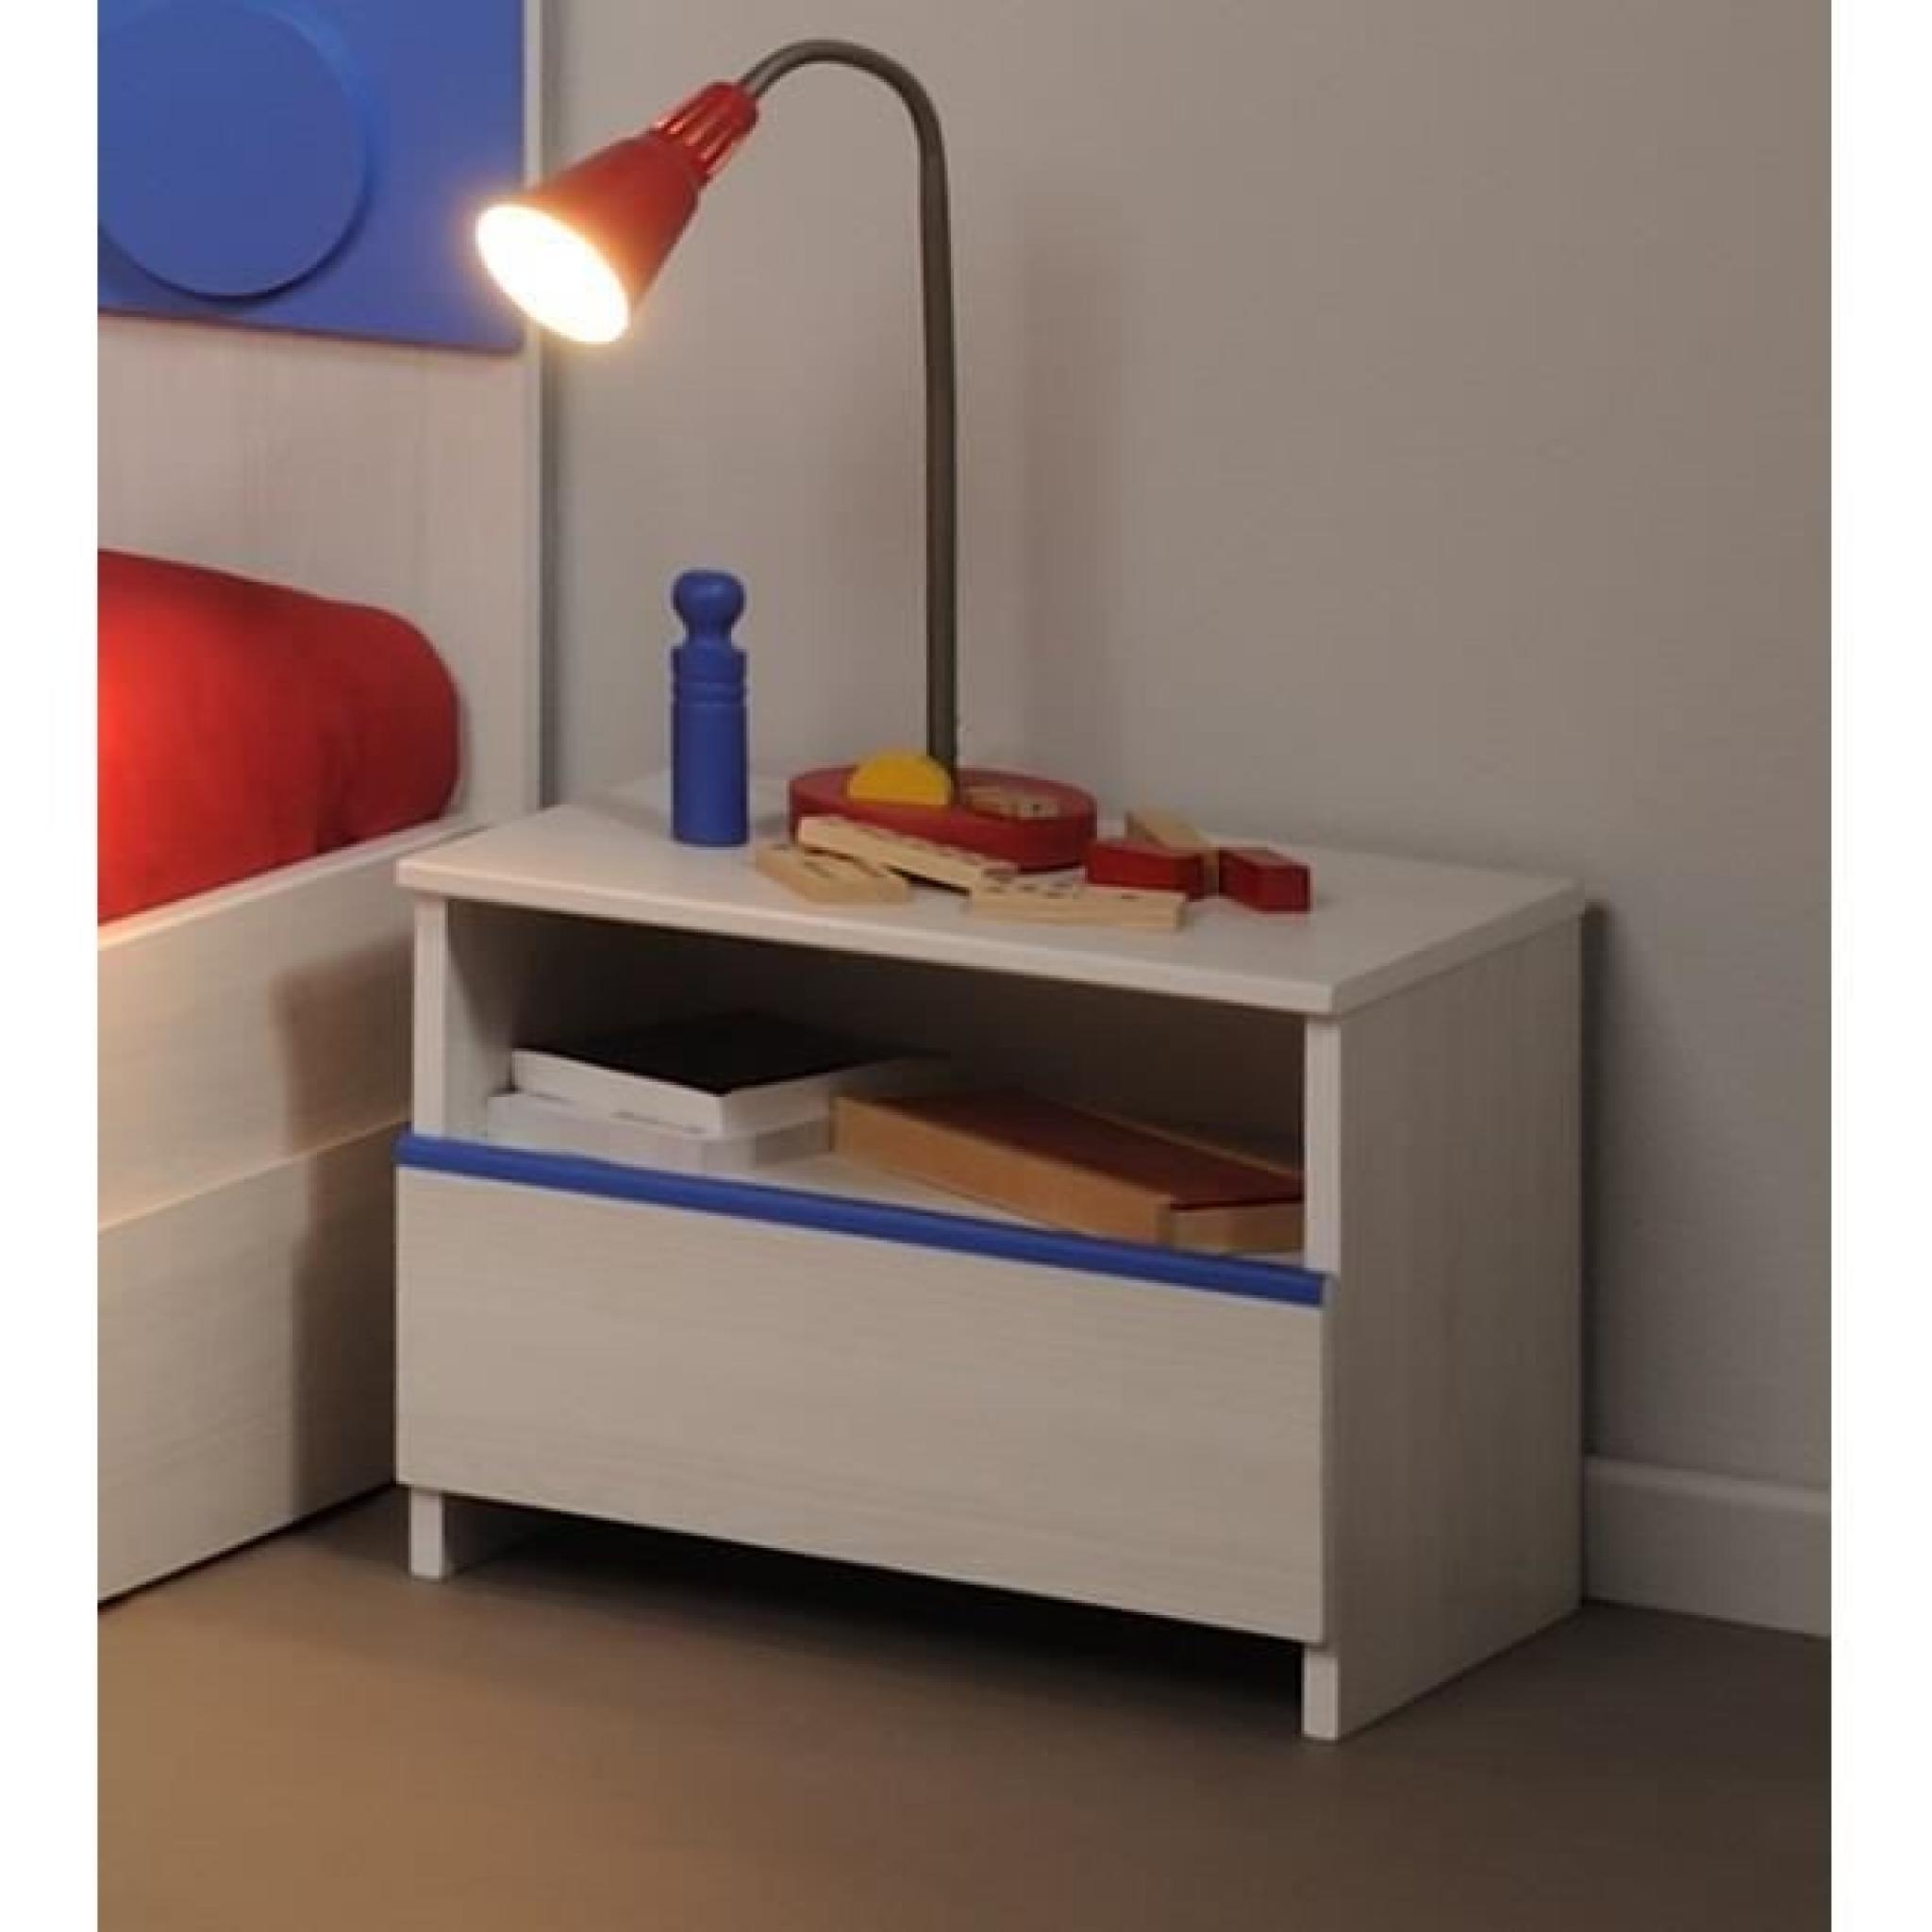 chevet 1 tiroir en bois fr ne nordique yann achat vente table de chevet pas cher couleur et. Black Bedroom Furniture Sets. Home Design Ideas